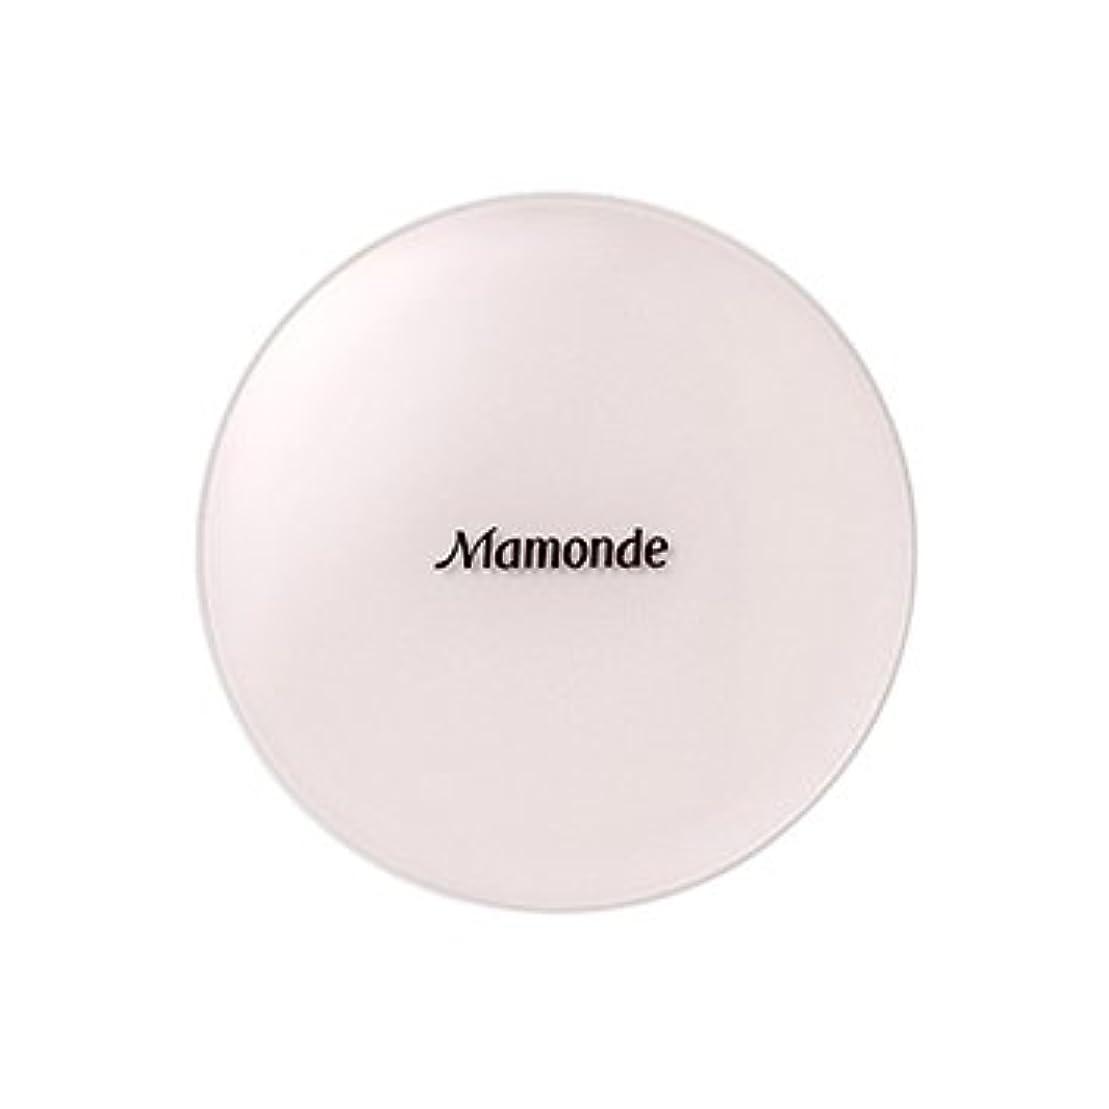 費用エラー消費する[New] Mamonde Brightening Cover Ampoule Cushion 15g/マモンド ブライトニング カバー アンプル クッション 15g (#21C Medium Peach) [並行輸入品]